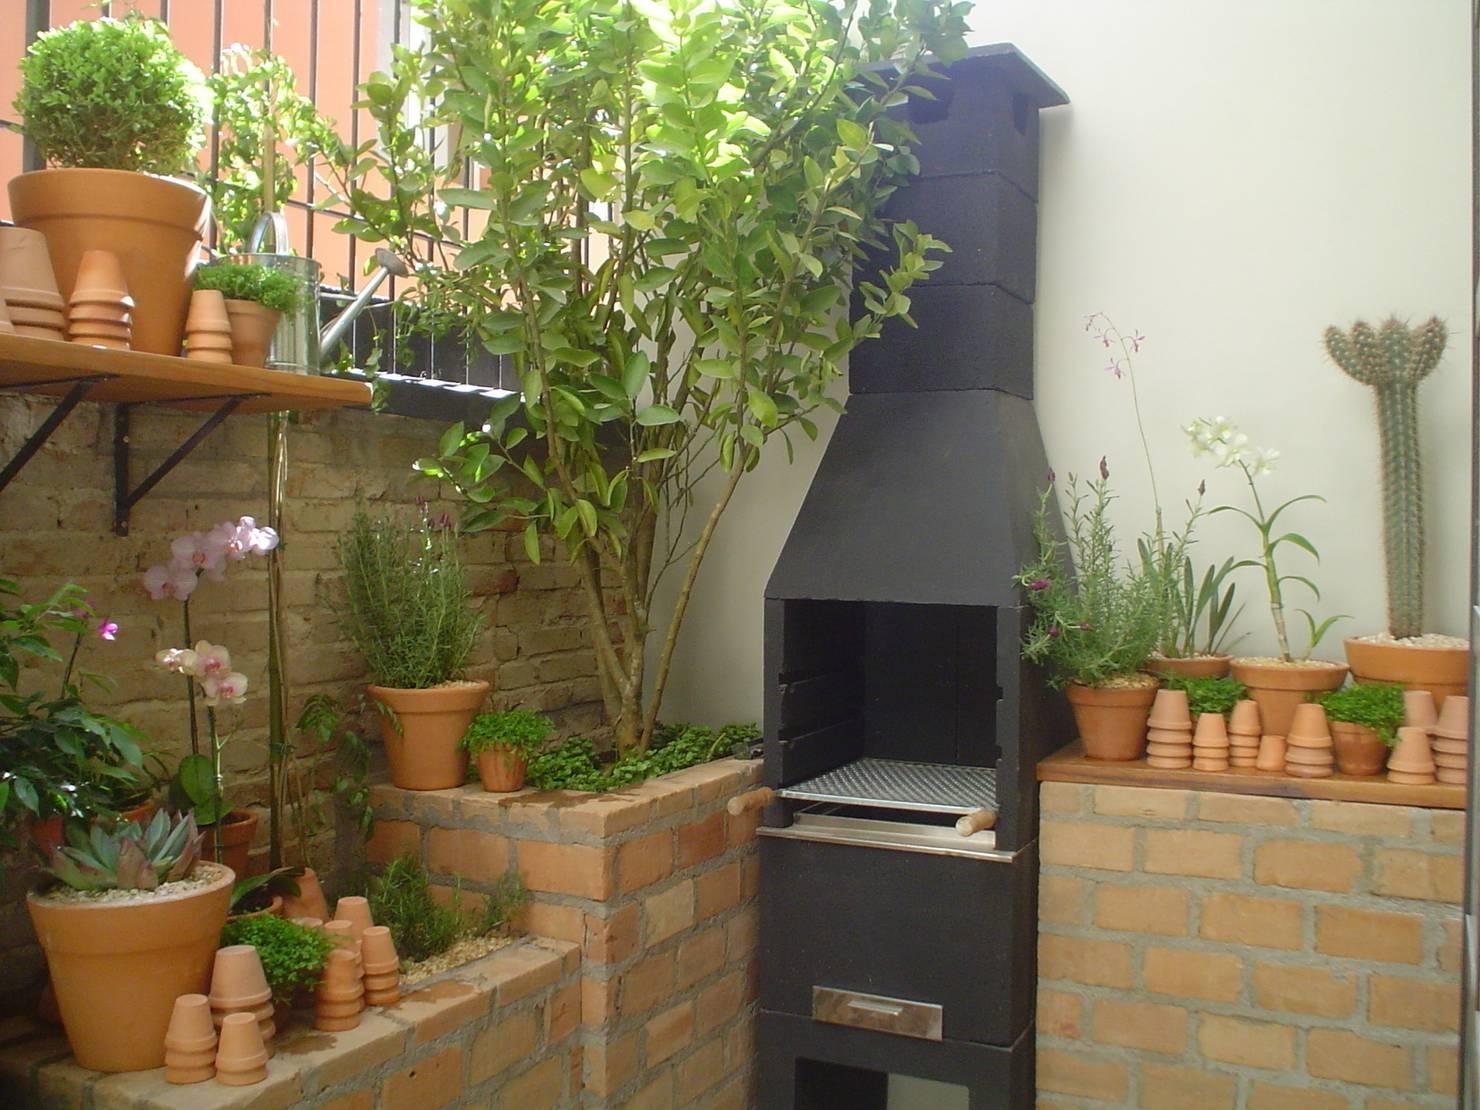 DIY: 6 home improvement ideas for your garden